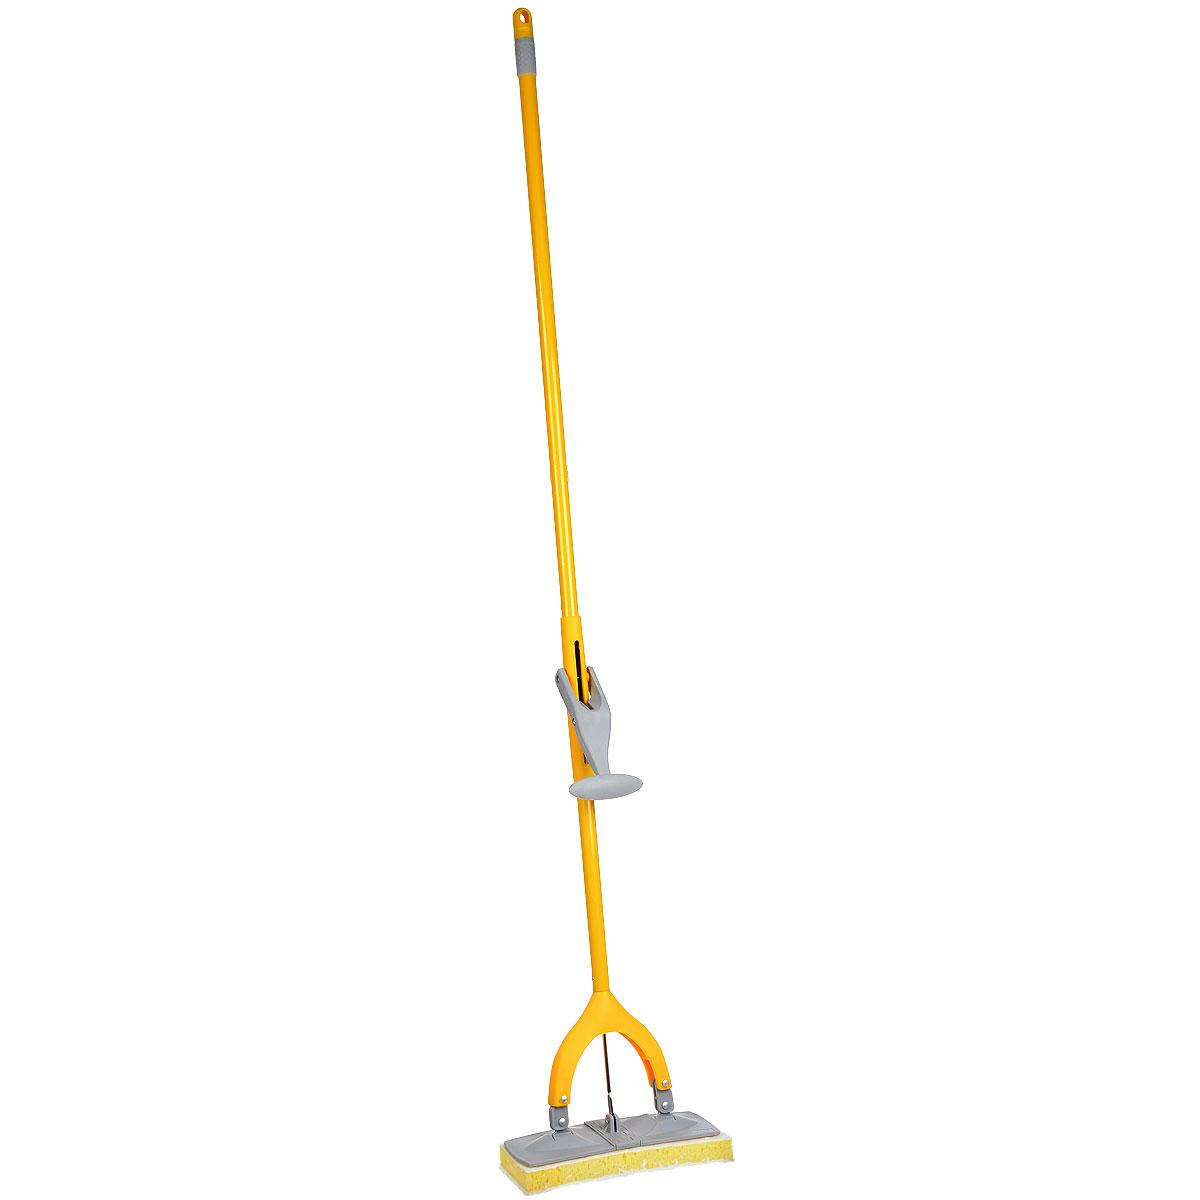 Поломой Apex Squizzo, с отжимом, цвет: серый, желтый10195-A_серыйПоломой Apex Squizzo предназначен для уборки в доме. Насадка, изготовленная из поролона, крепится к стальной трубке. Насадка имеет специальную форму, которая позволяет легко и качественно мыть полы. Специальная система отжима позволяет отжимать воду более эффективно, чем вручную. Размер рабочей поверхности: 27 х 9,5 см. Длина ручки: 135 см.